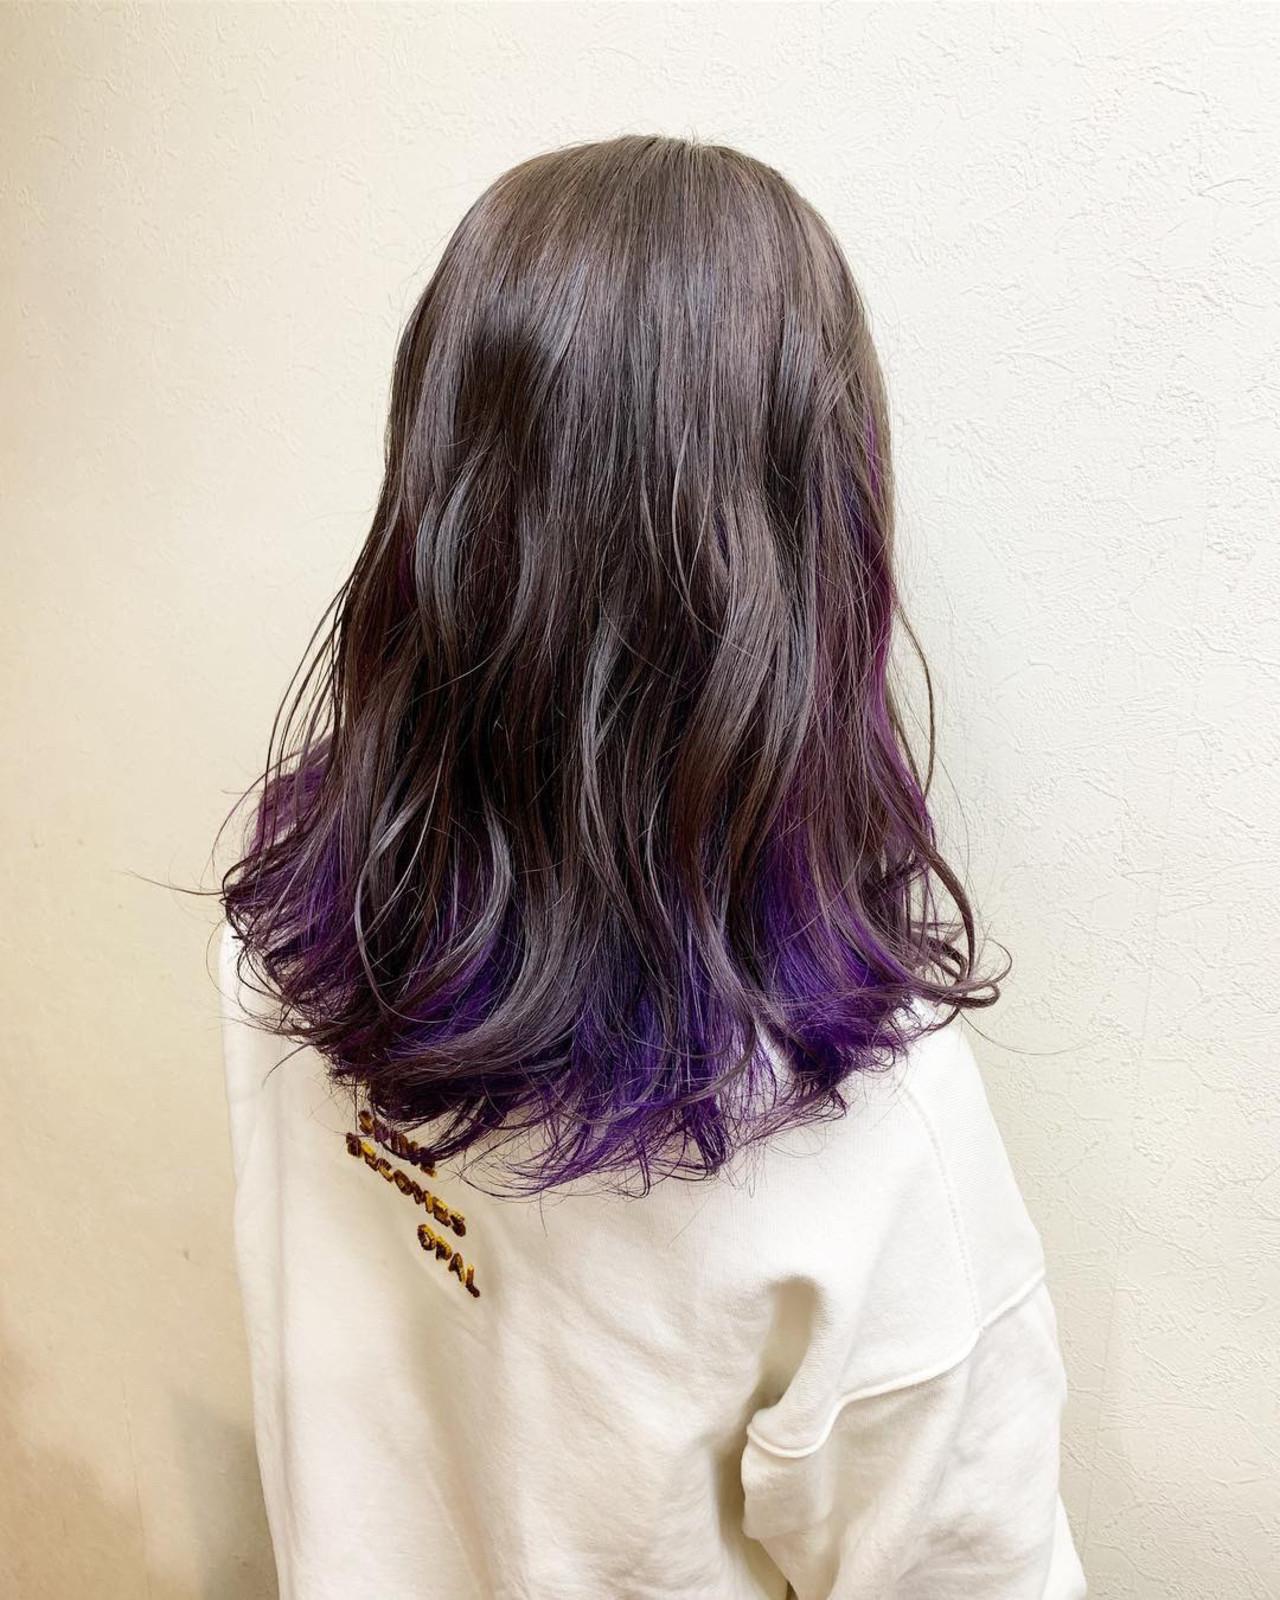 インナーカラー ガーリー グレージュ 外国人風カラー ヘアスタイルや髪型の写真・画像